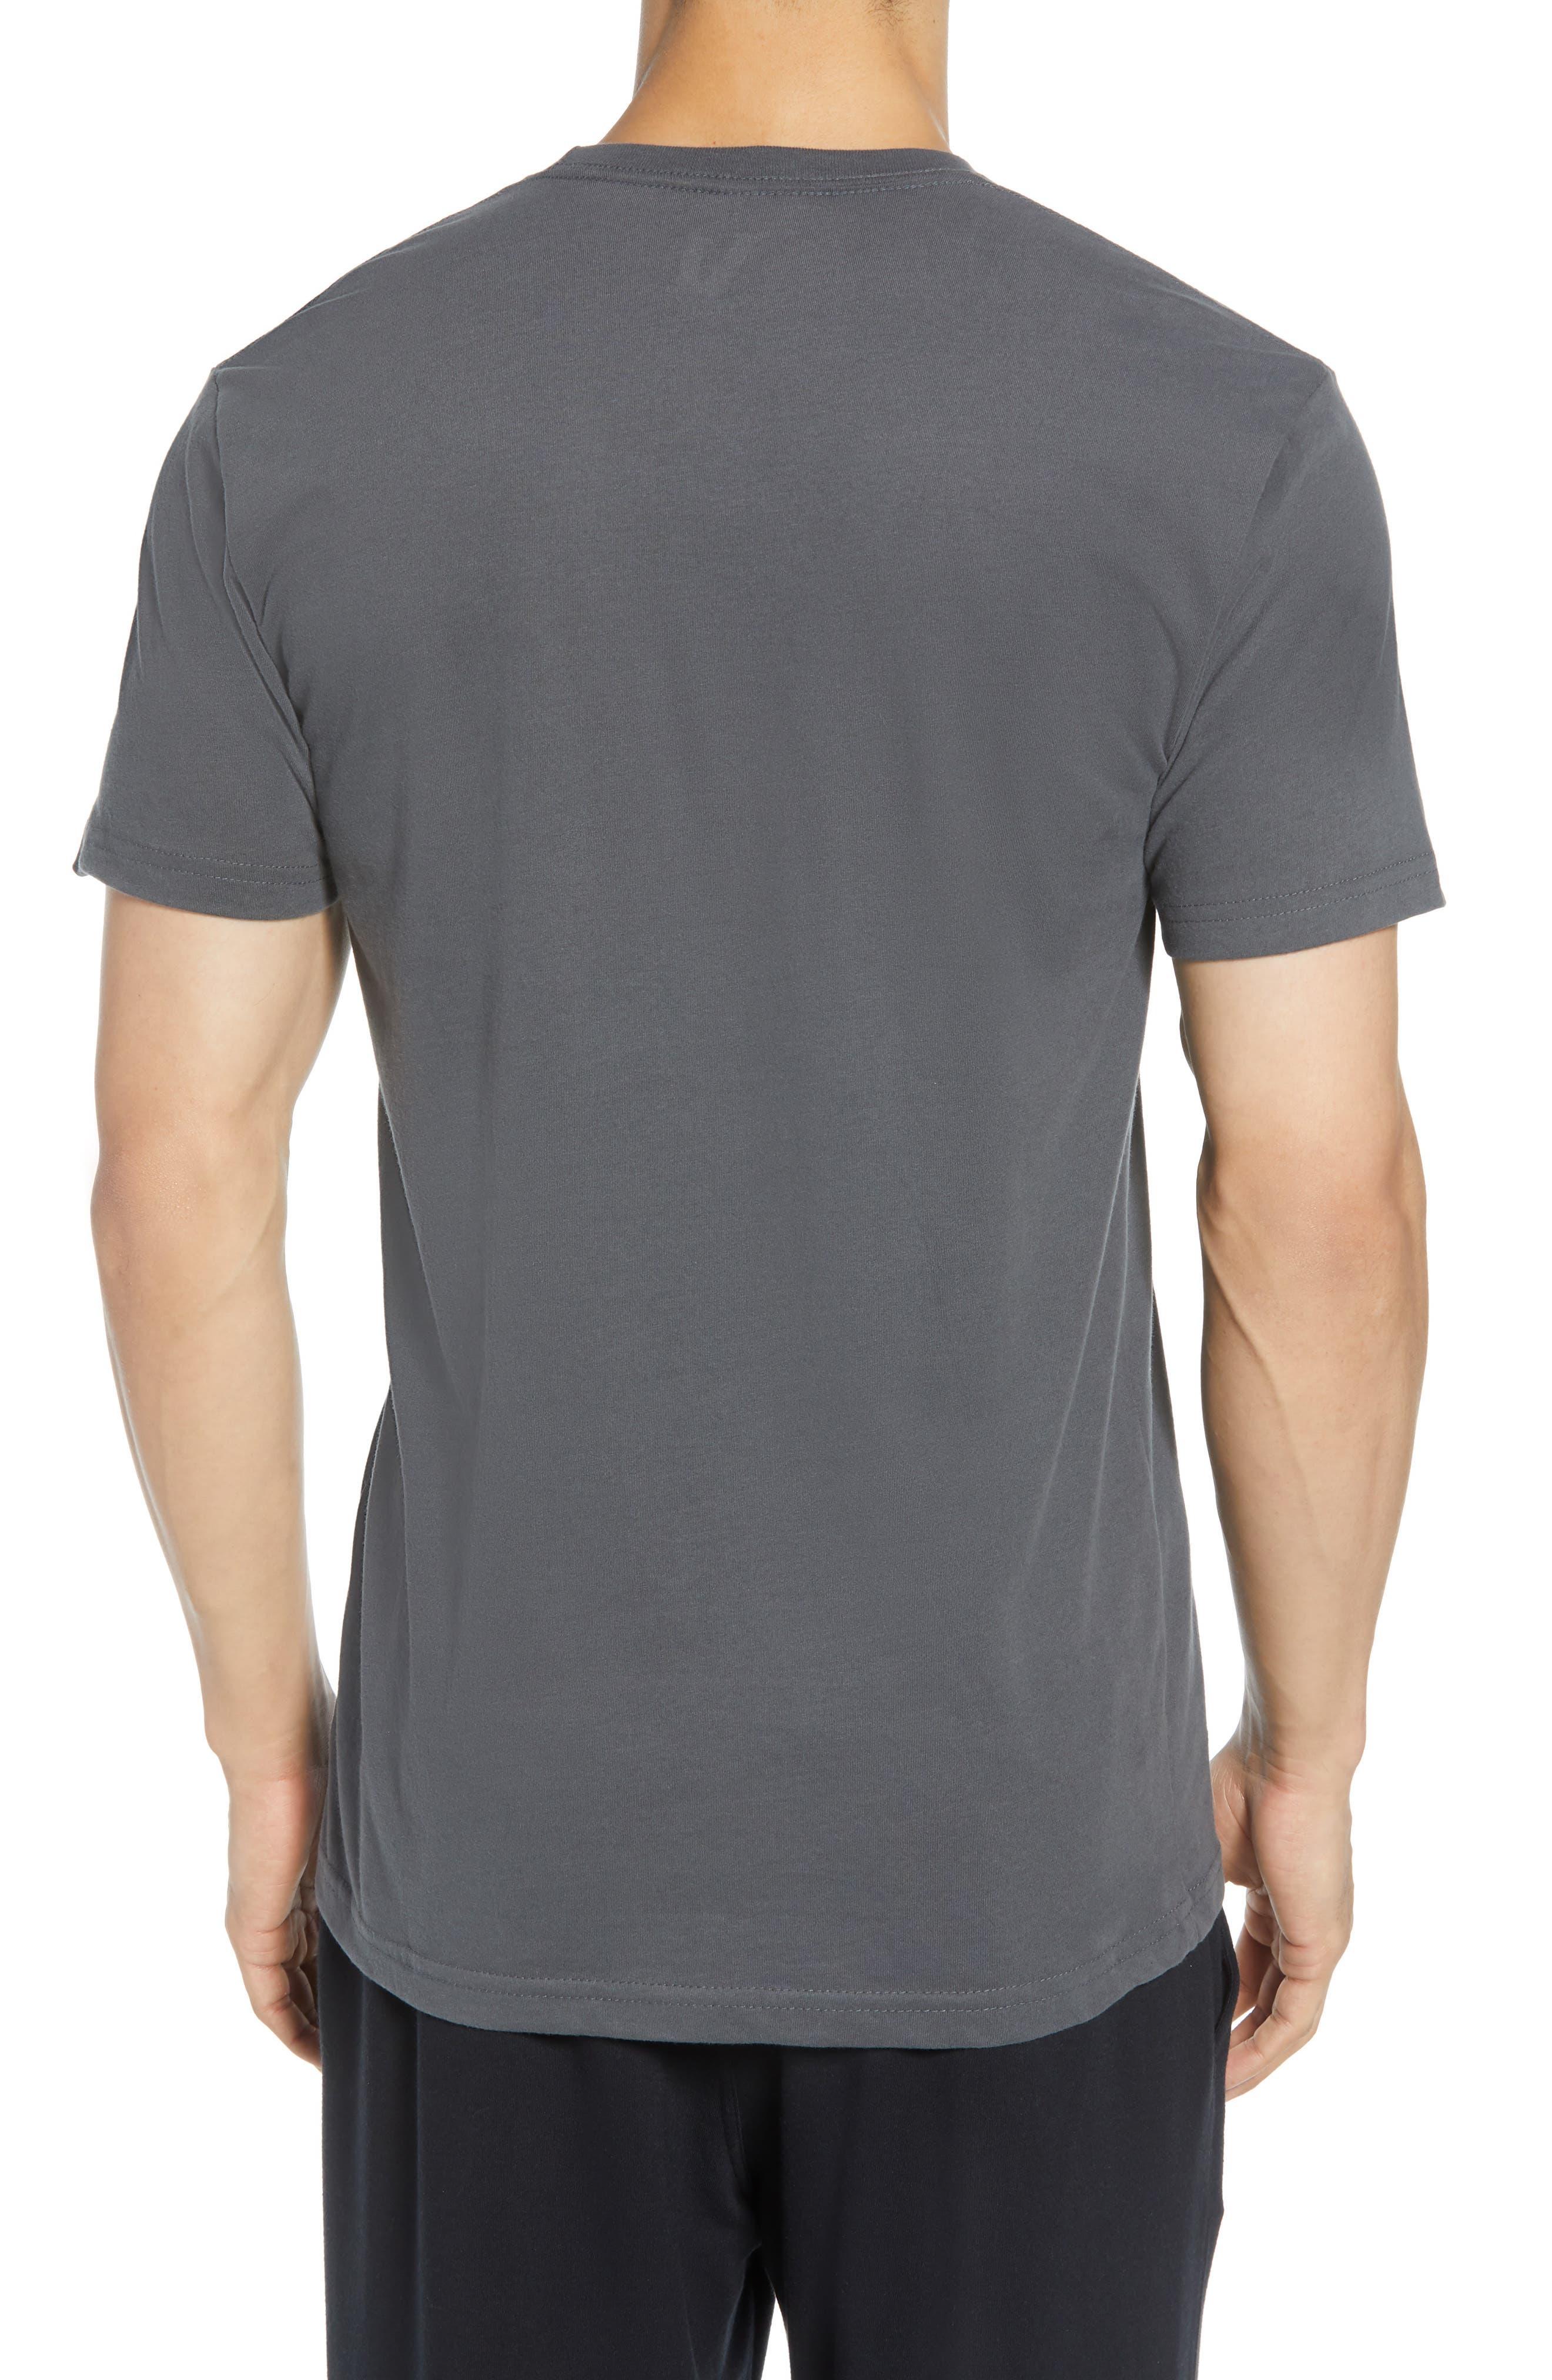 VUORI, The Rise The Shine Graphic T-Shirt, Alternate thumbnail 2, color, CHARCOAL